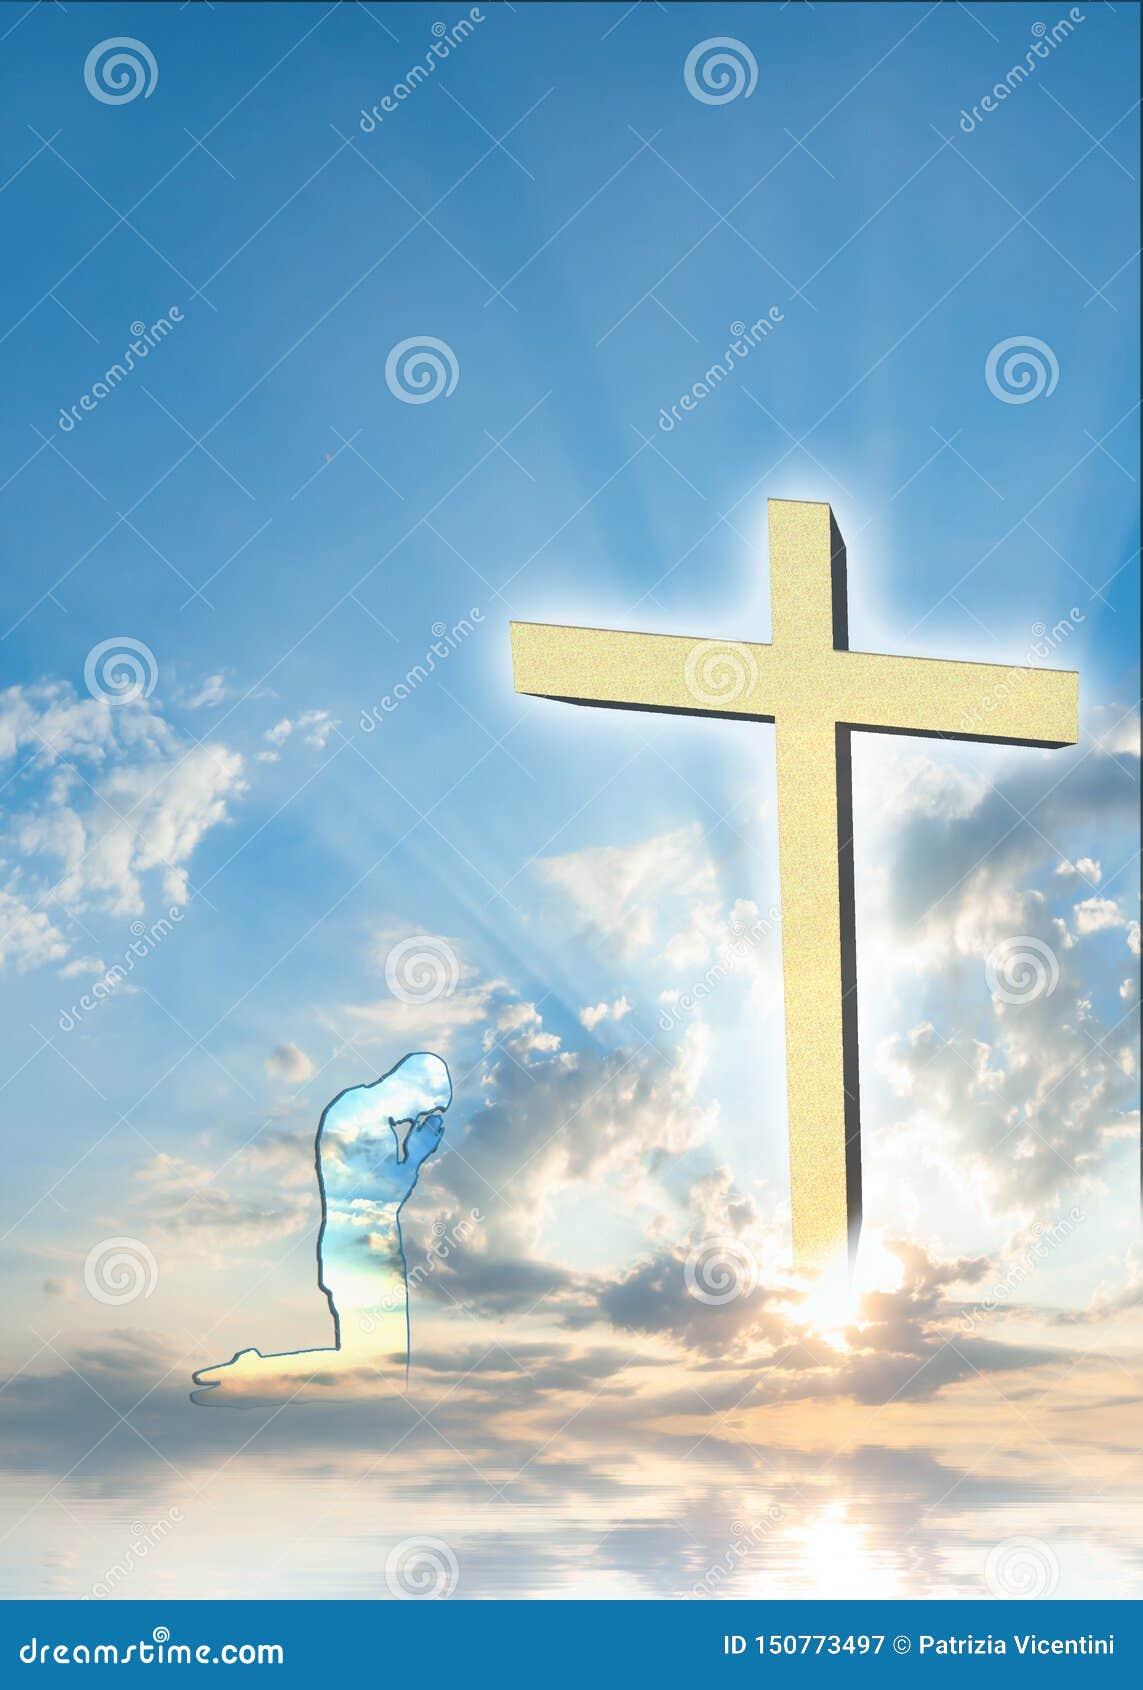 与祈祷的人的基督徒海报背景